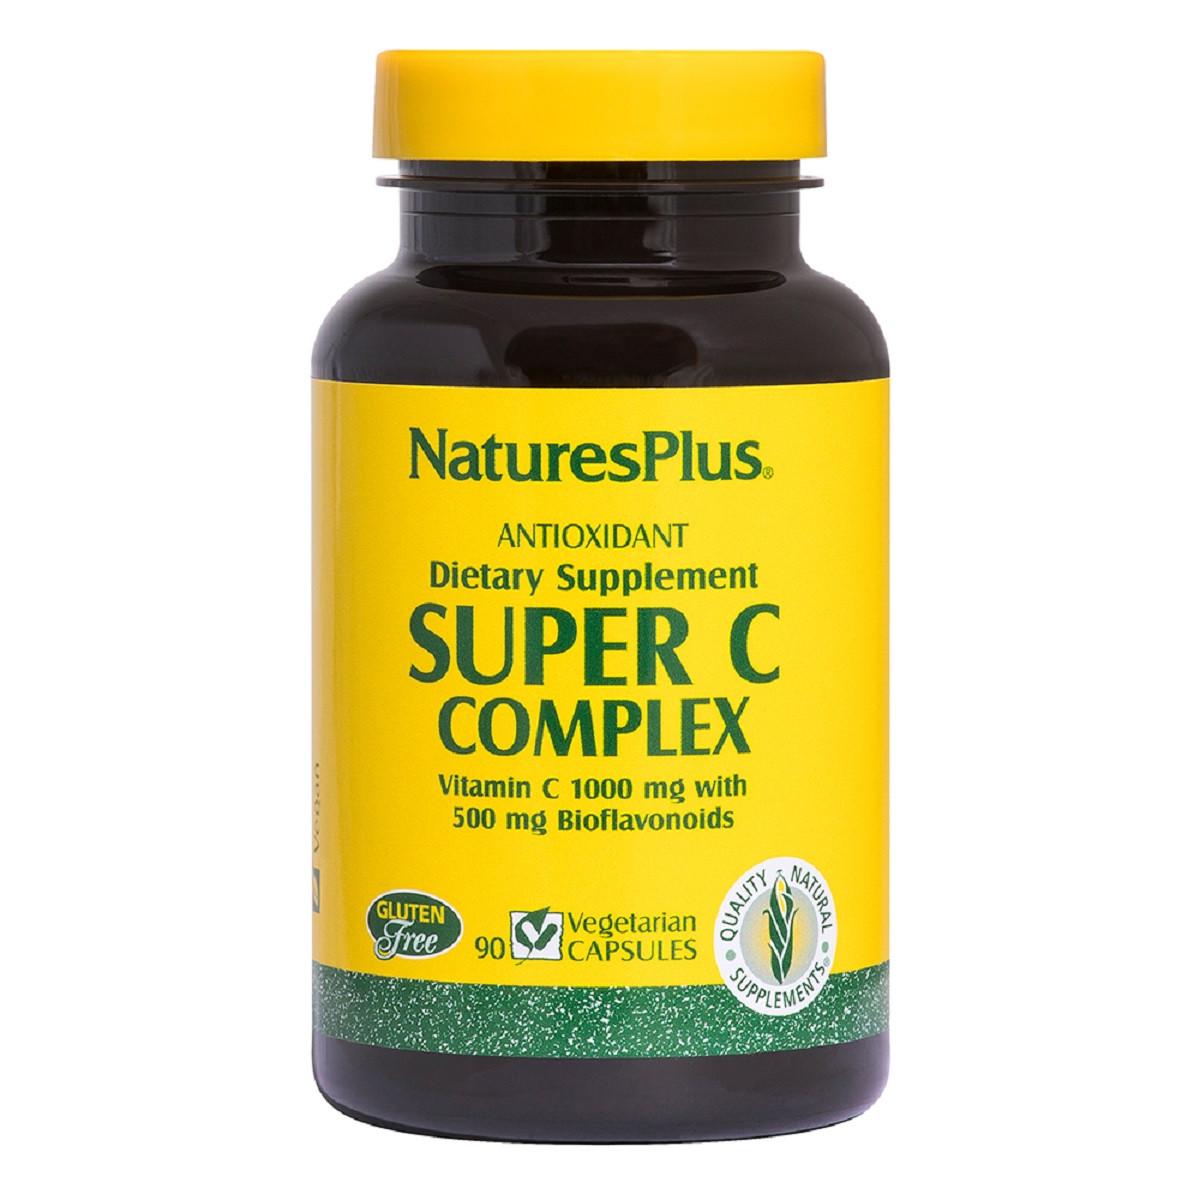 Супер Комплекс Витамина С 1000 мг, Биофлавоноиды 500 мг, Super C Complex, Nature's Plus, 90 капсул